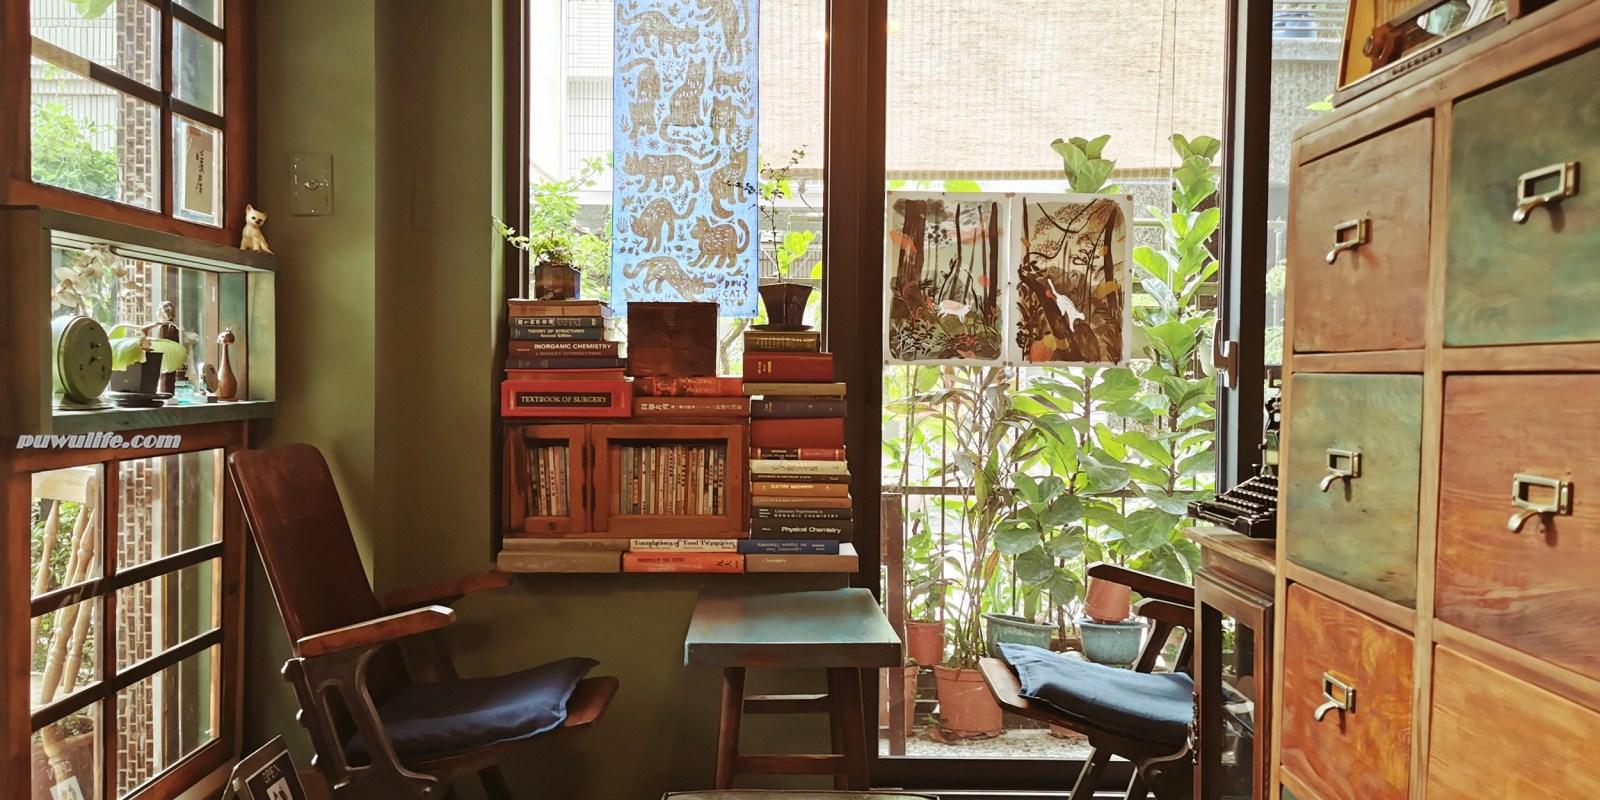 穿牆貓 Cat Traveller Cafe 好好拍,小巷中的綠色博物館